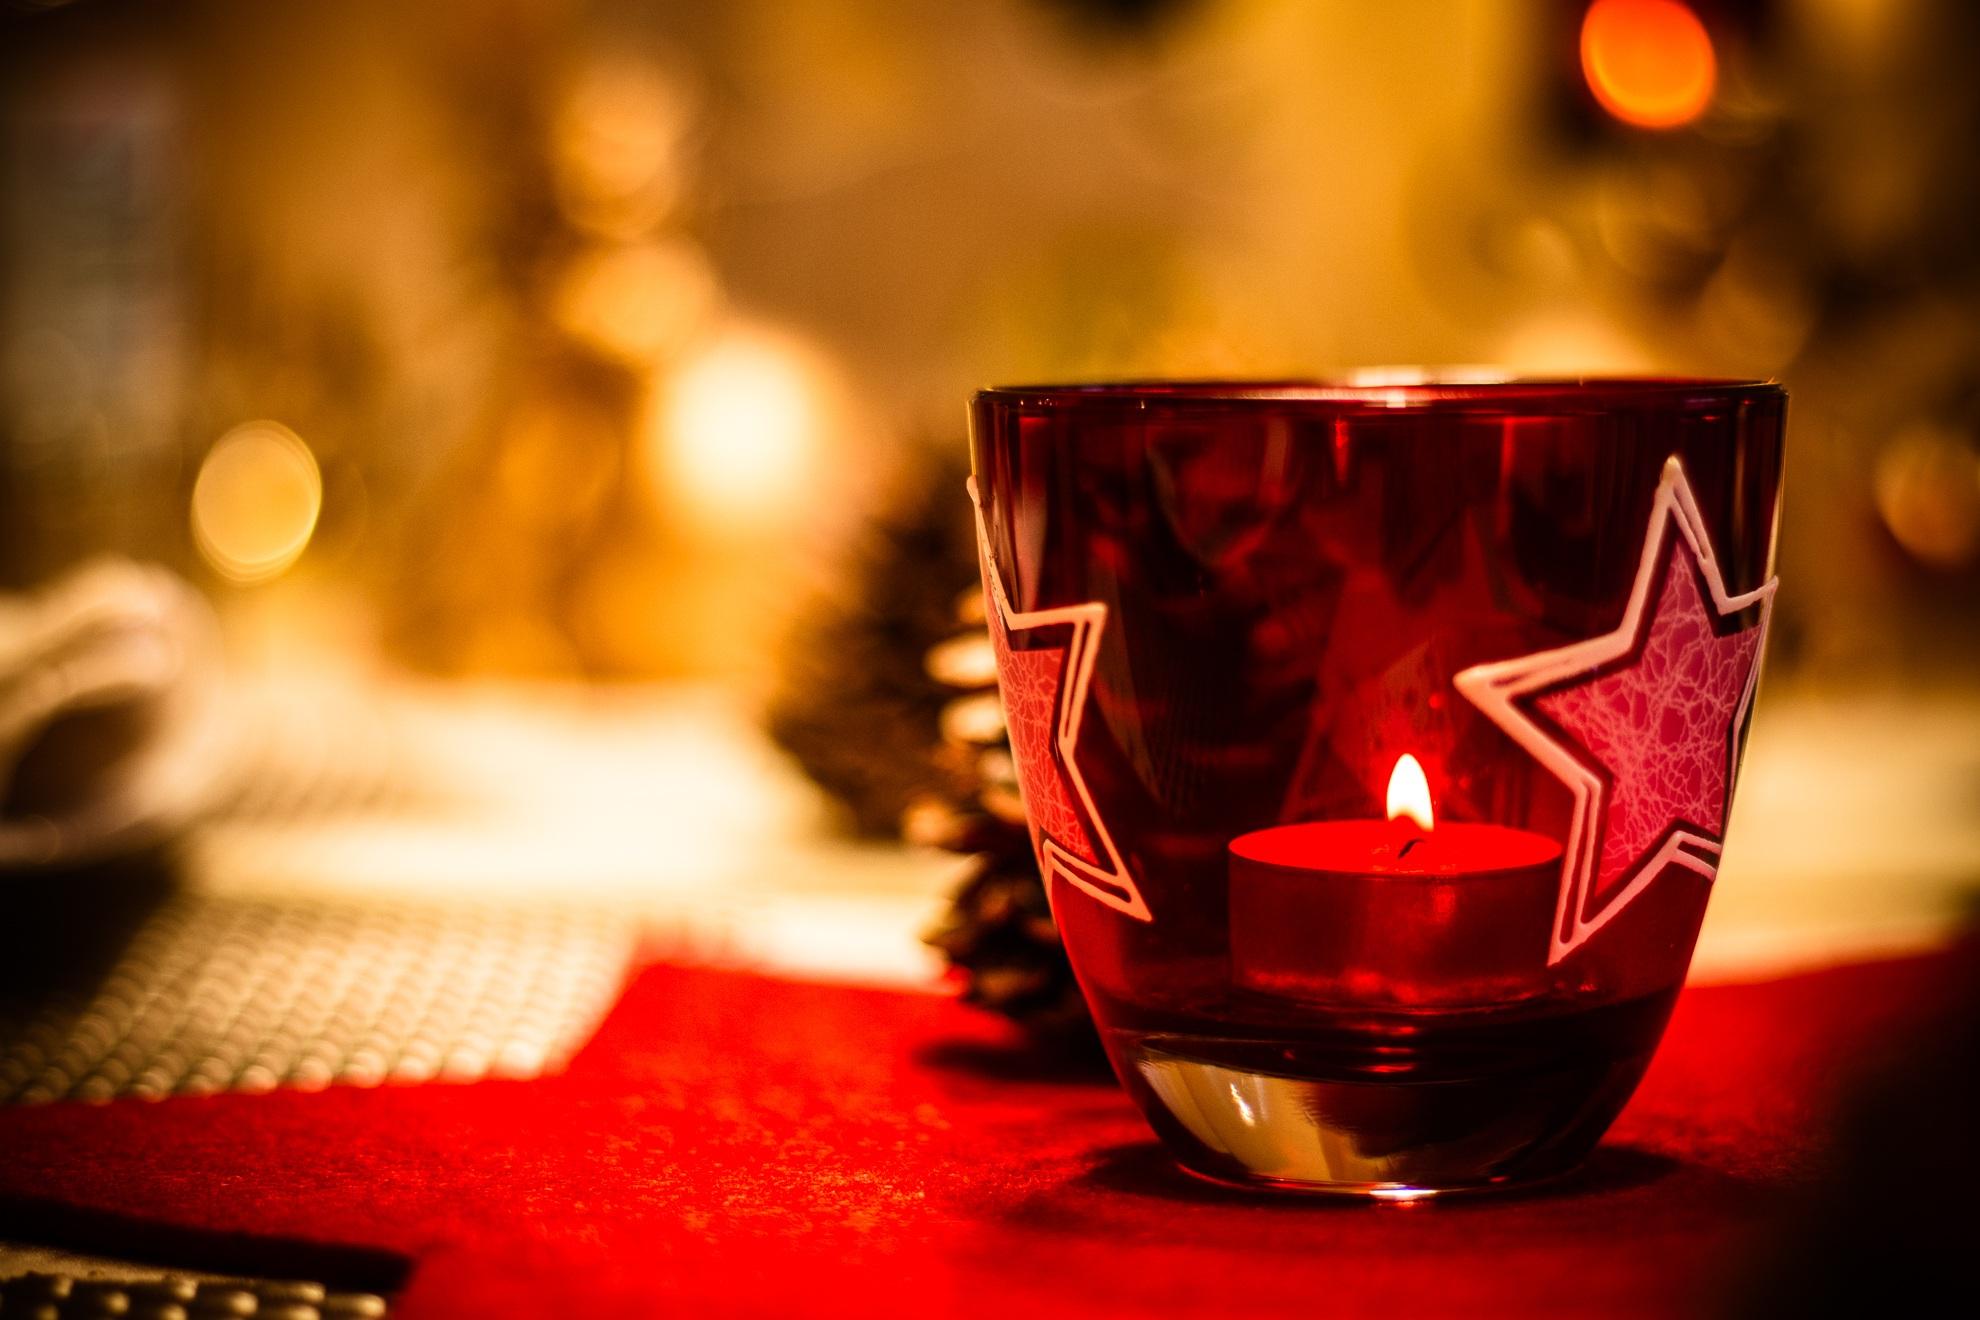 kostenlose foto schnee licht wein glas dekoration gr n rot farbe getr nk dunkelheit. Black Bedroom Furniture Sets. Home Design Ideas